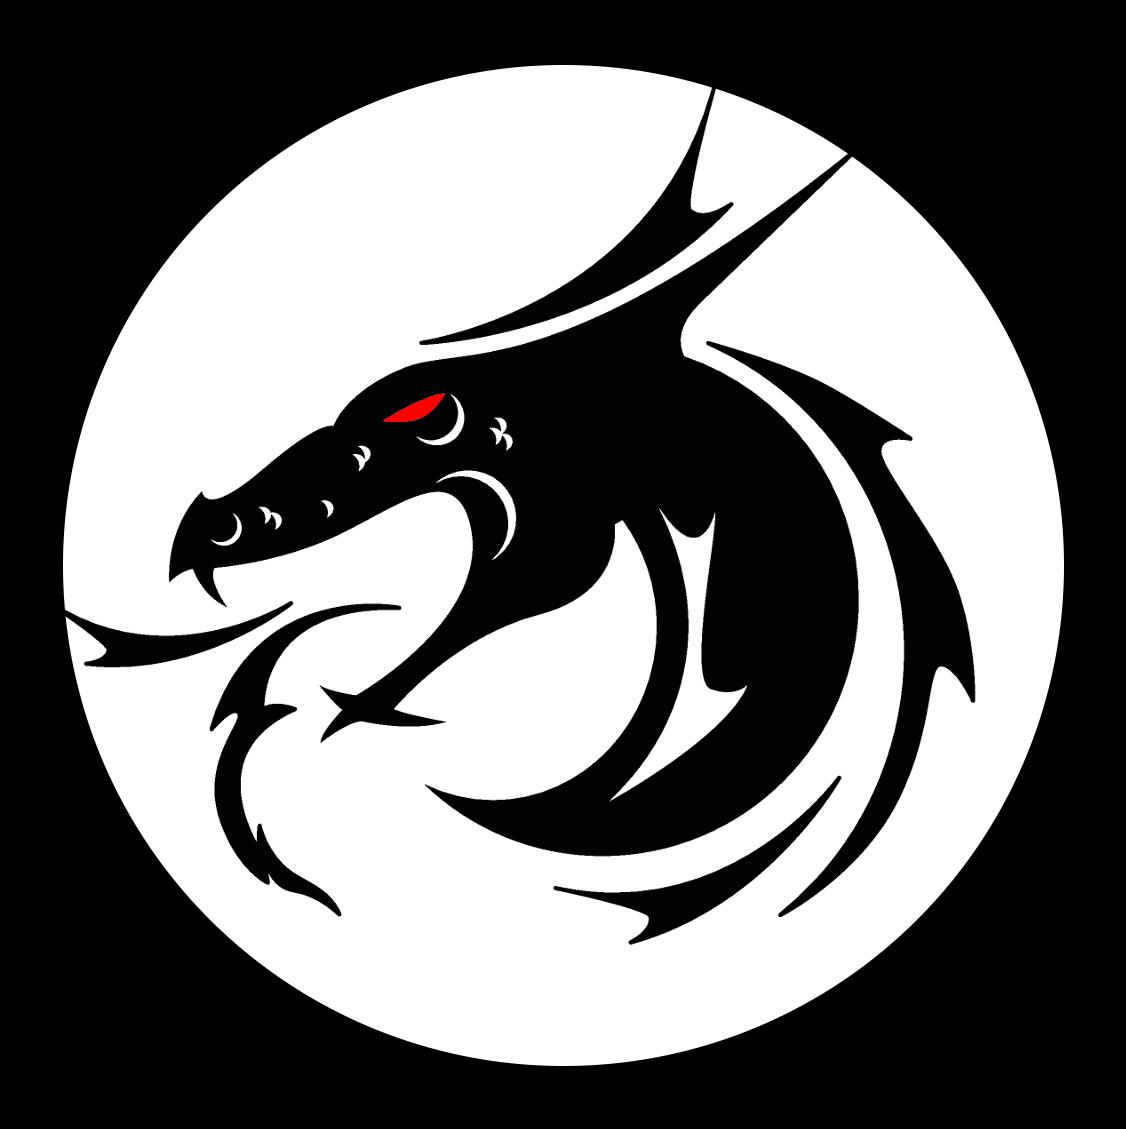 Risultati immagini per dragon symbol Black dragon, Sword